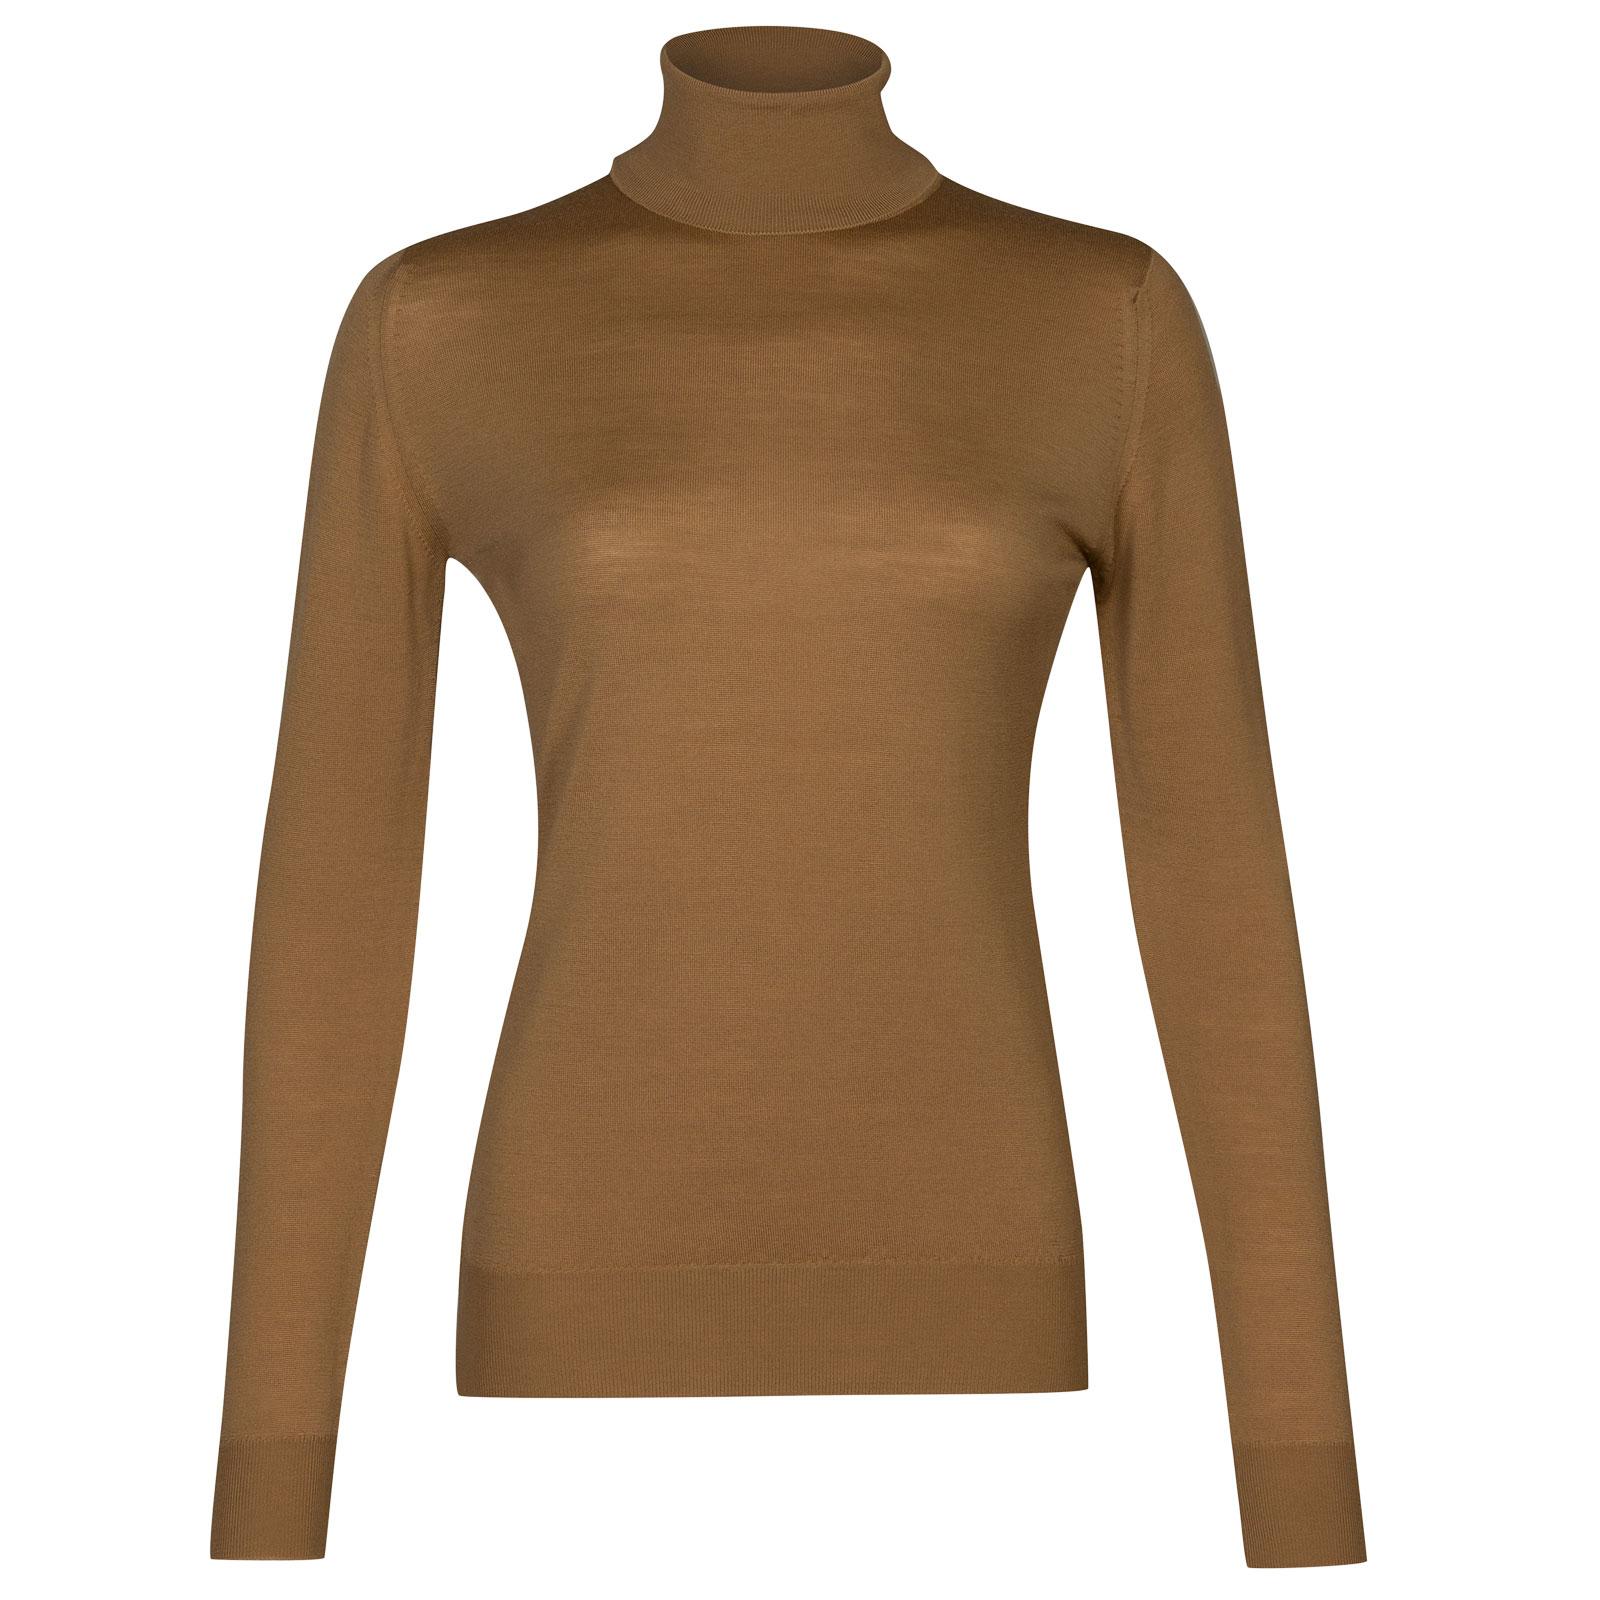 John Smedley Catkin Merino Wool Sweater in Camel-L